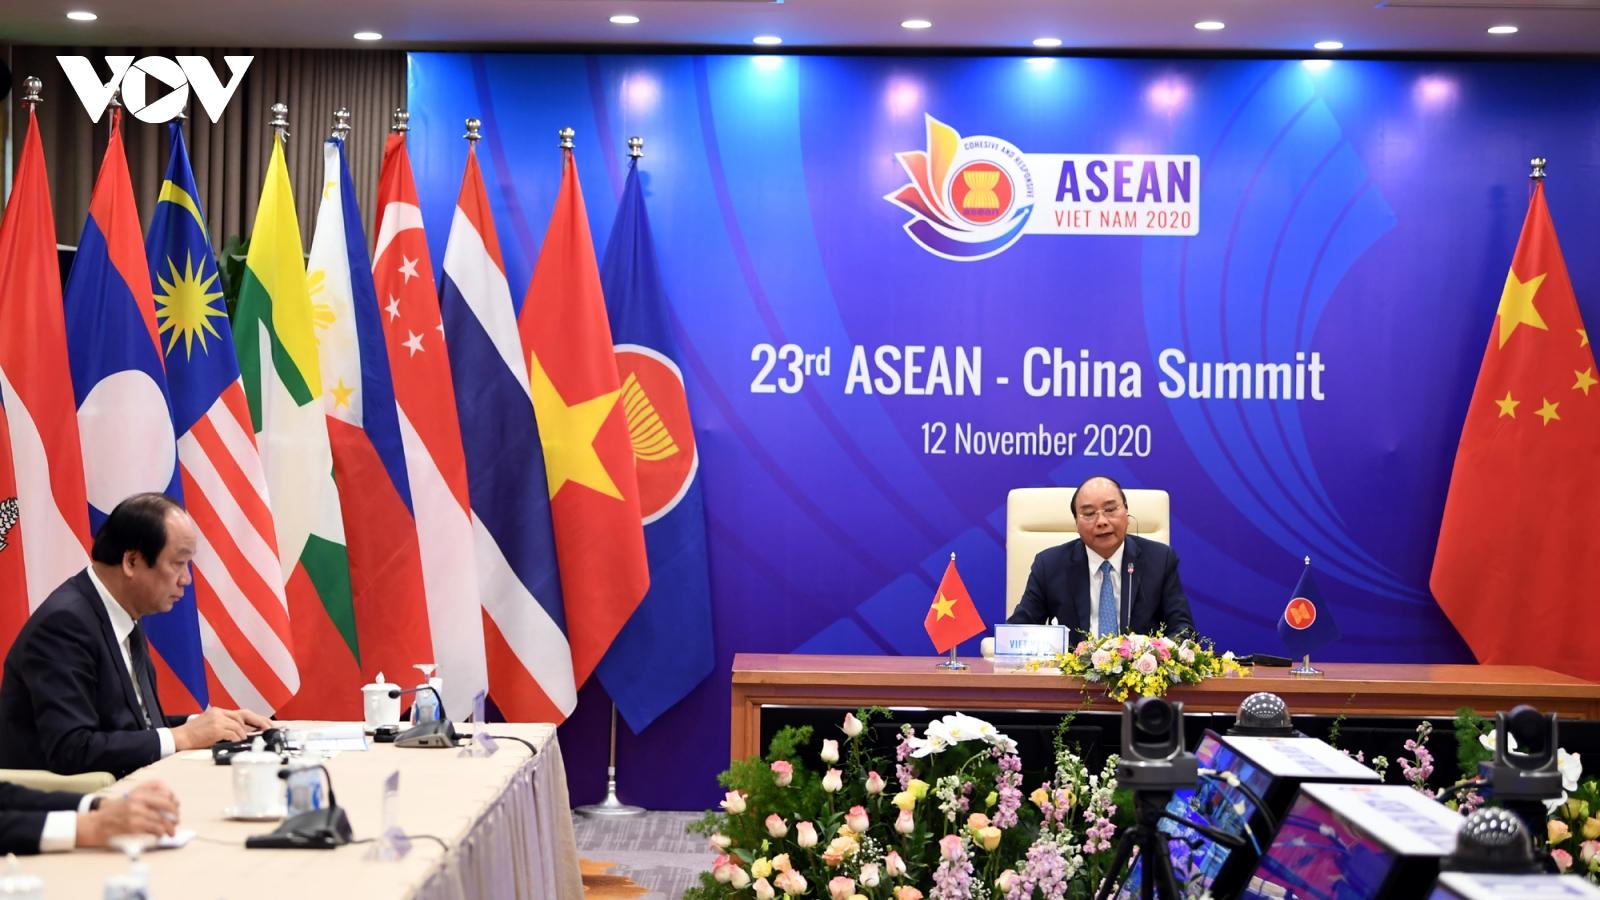 Bất chấp Covid-19, hợp tác ASEAN-Trung Quốc vẫn được tiến hành linh hoạt